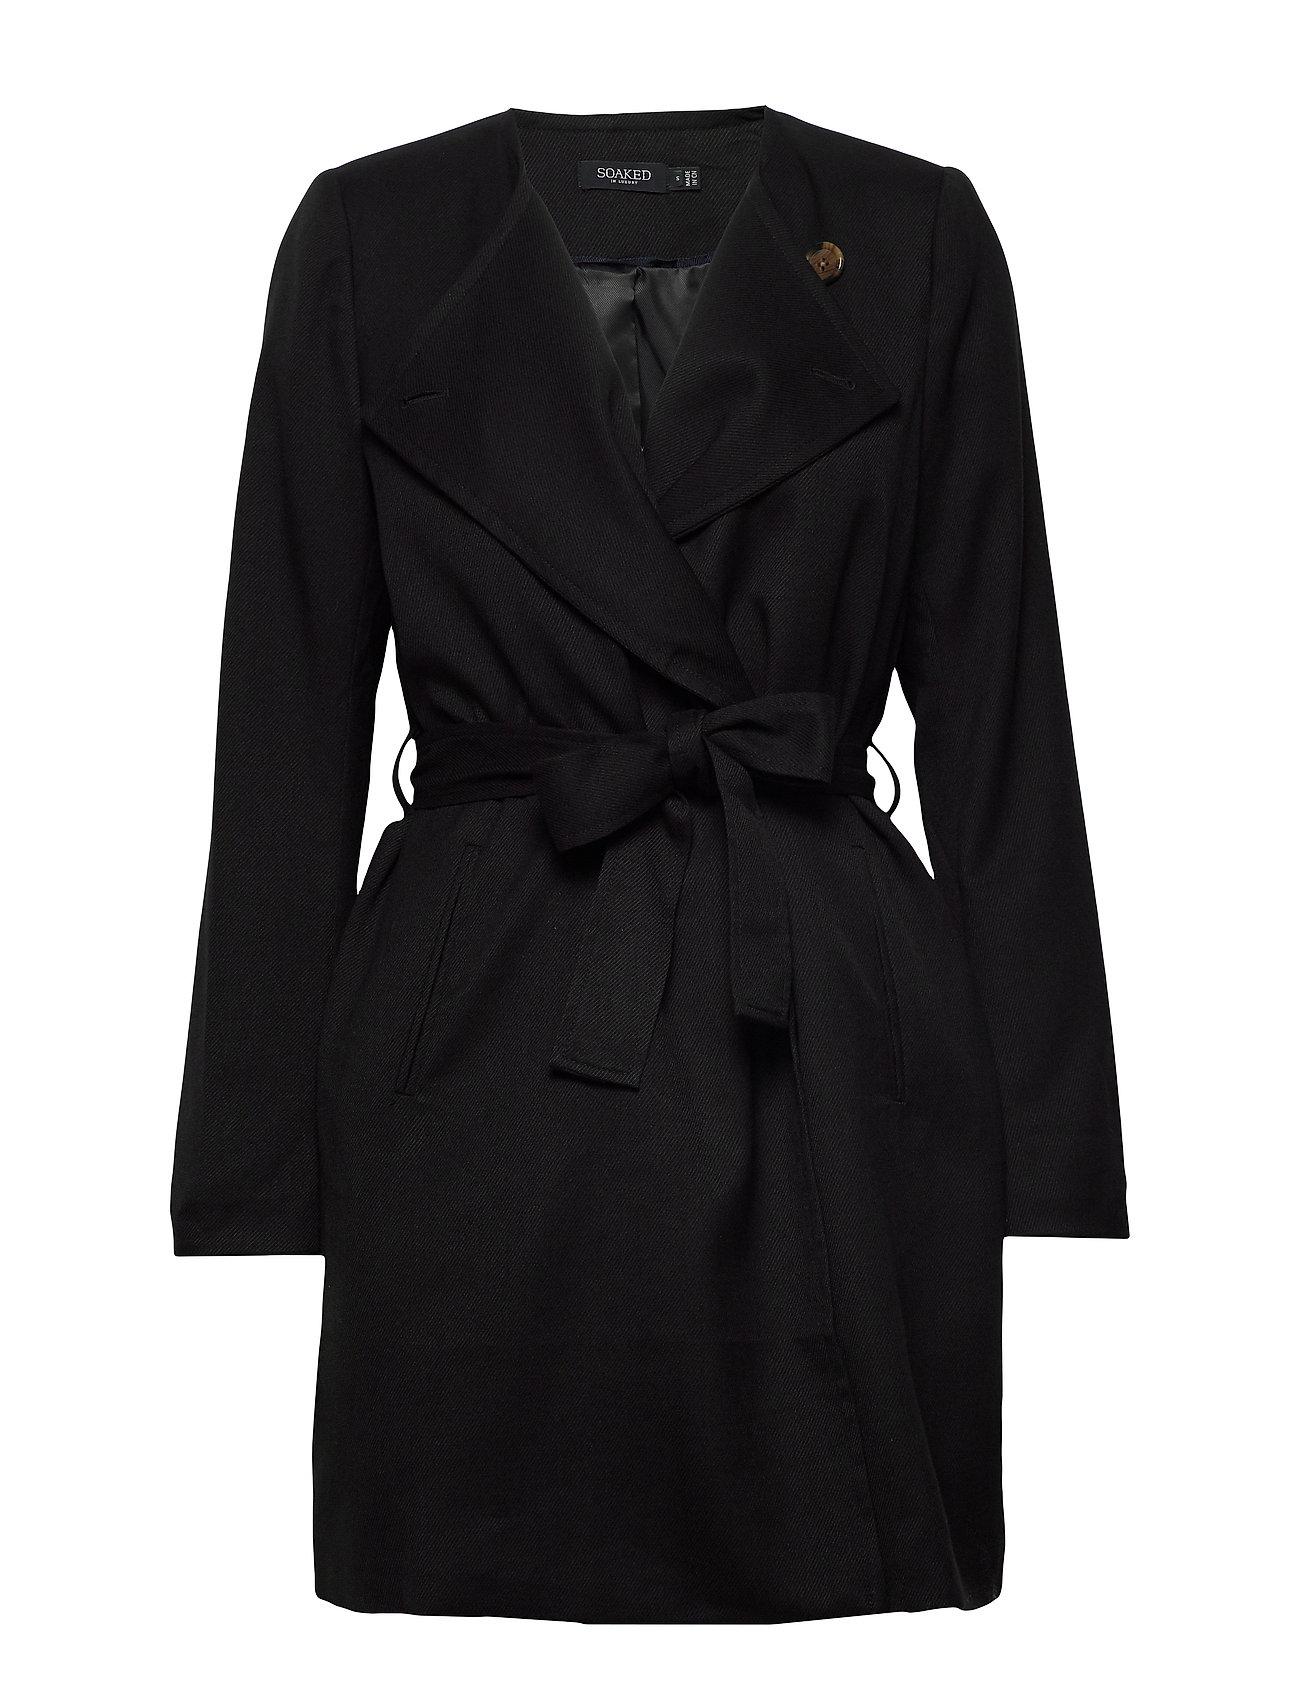 Soaked in Luxury SLMerle Coat - BLACK